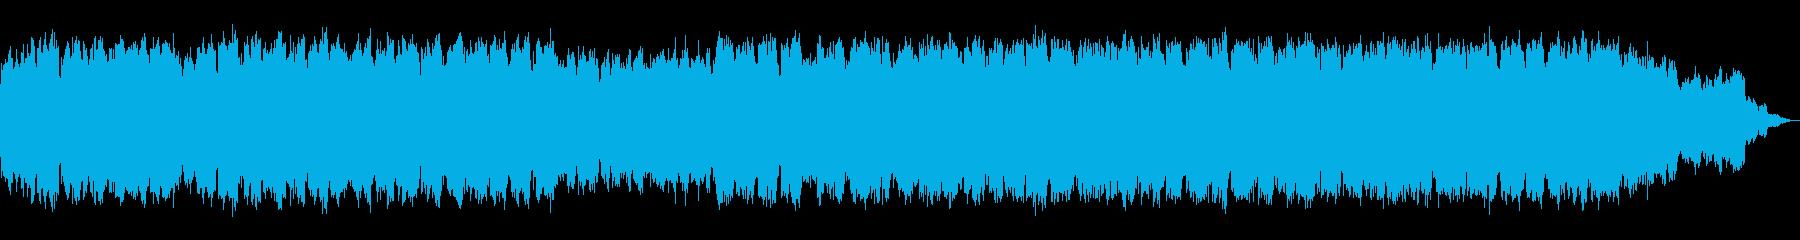 静かなシンセサイザーと笛の即興のBGMの再生済みの波形